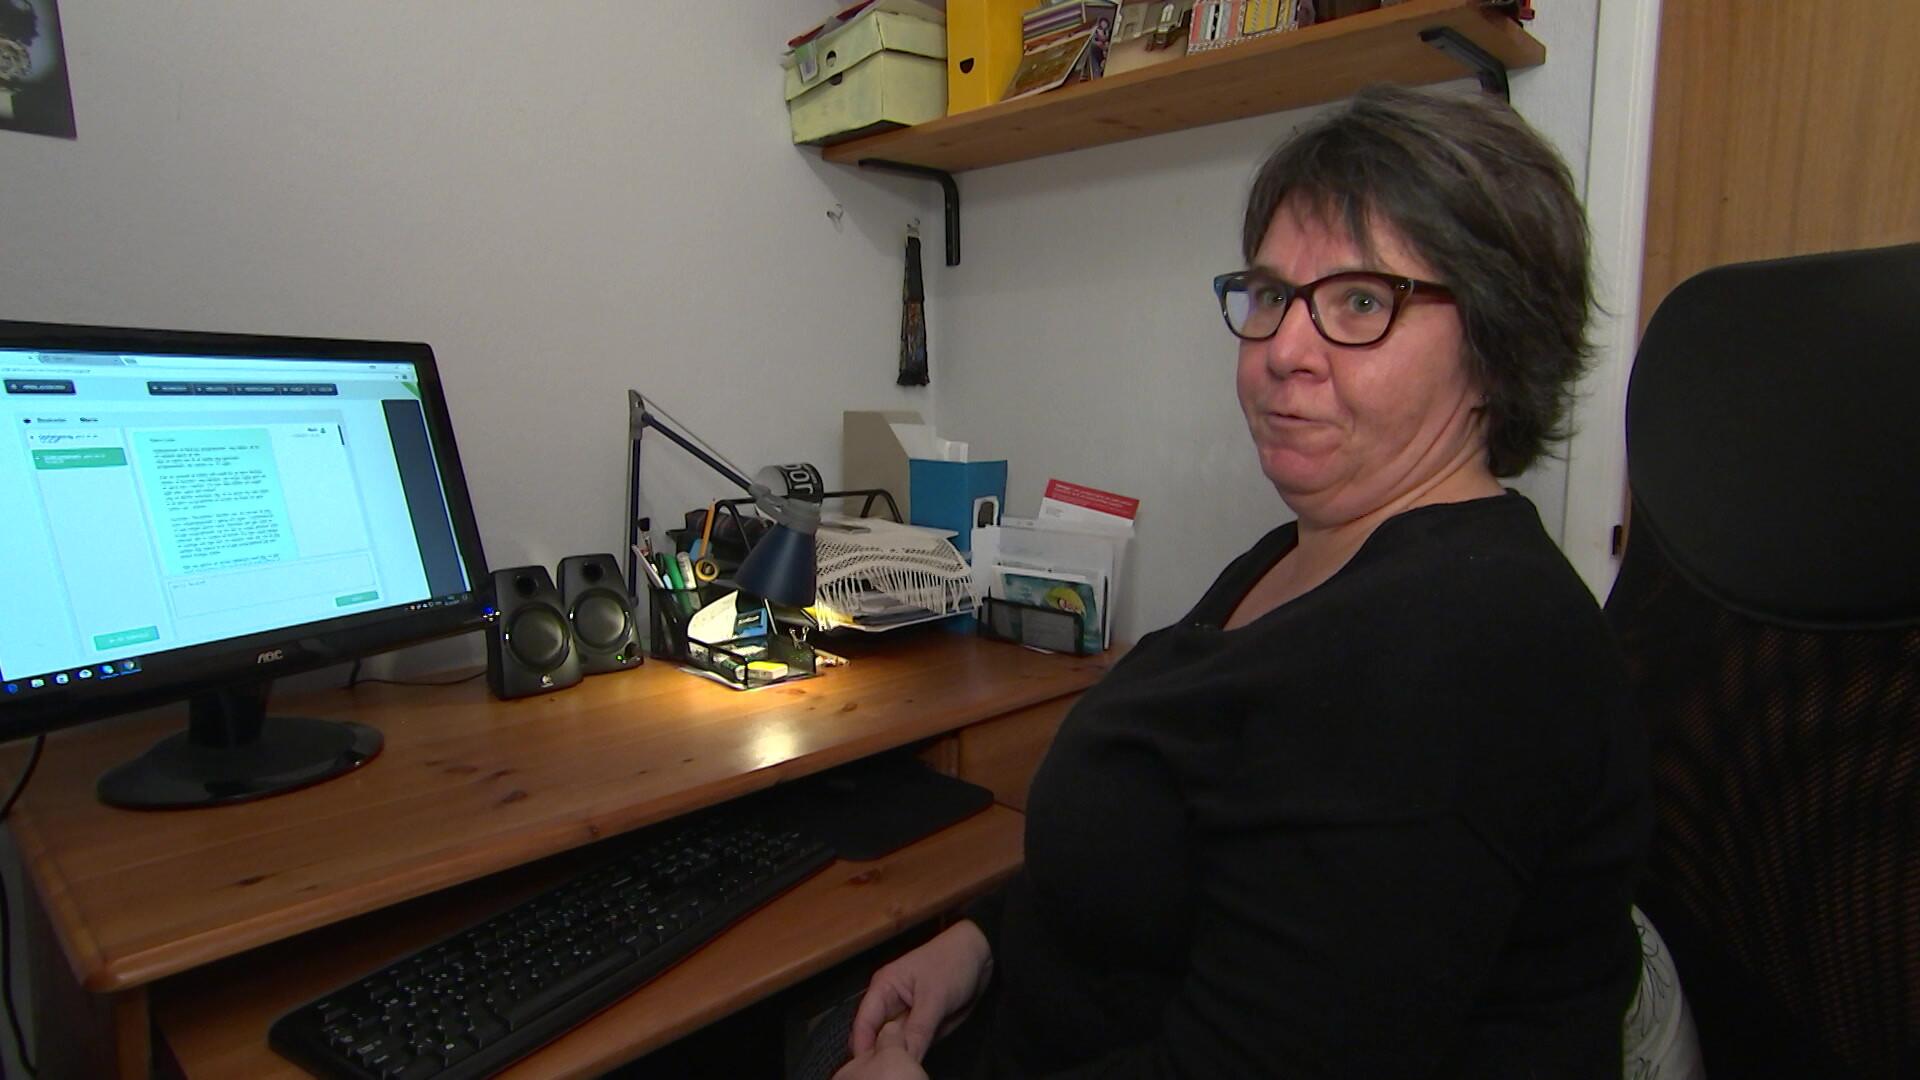 Danskere kan få gratis psykologhjælp over internettet | Ligetil | DR